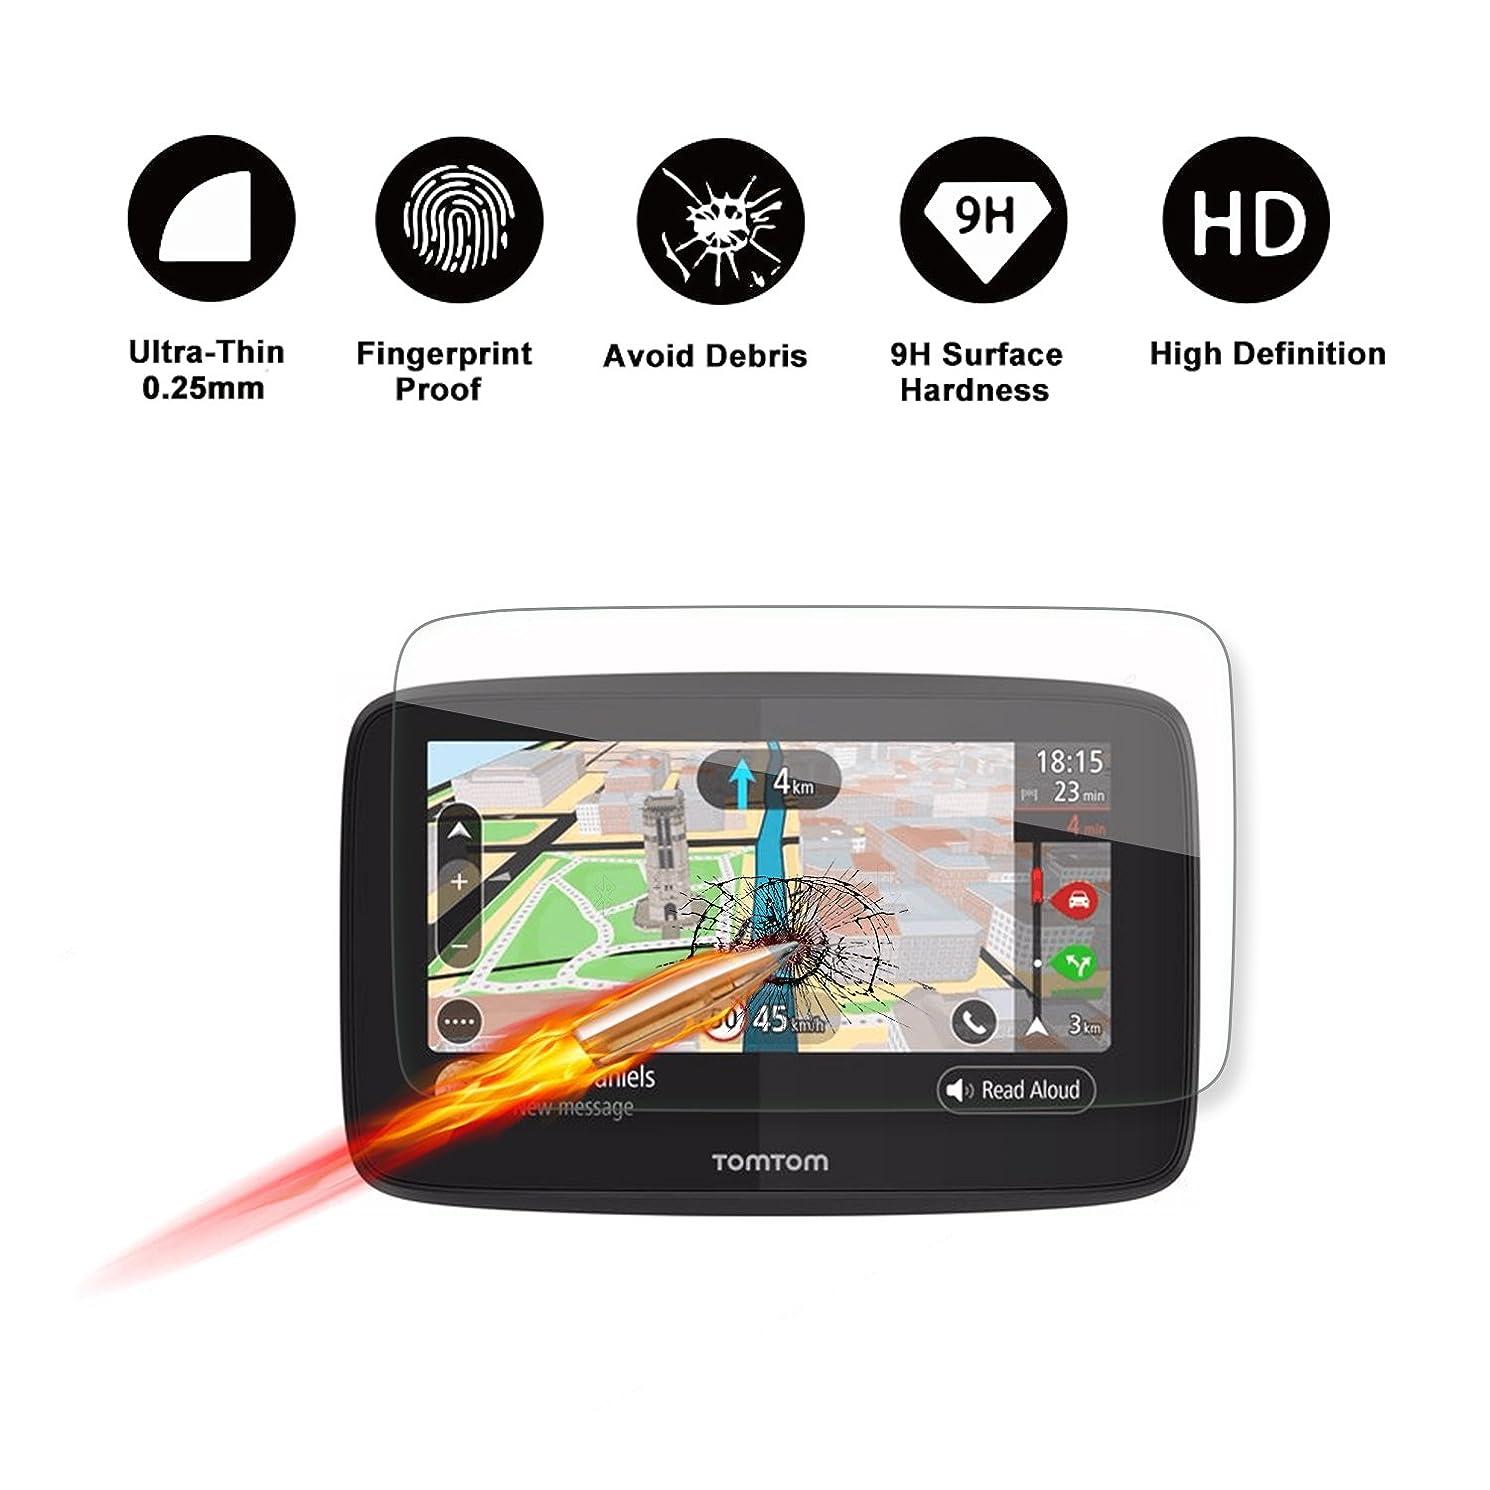 緊張降雨スタウトTomTom GO 520 5200 GPS 5インチディスプレイナビゲーションスクリーンプロテクター、R RUIYA HDクリア強化ガラススクリーンガードシールド 傷防止 ウルトラHD 極度の透明度